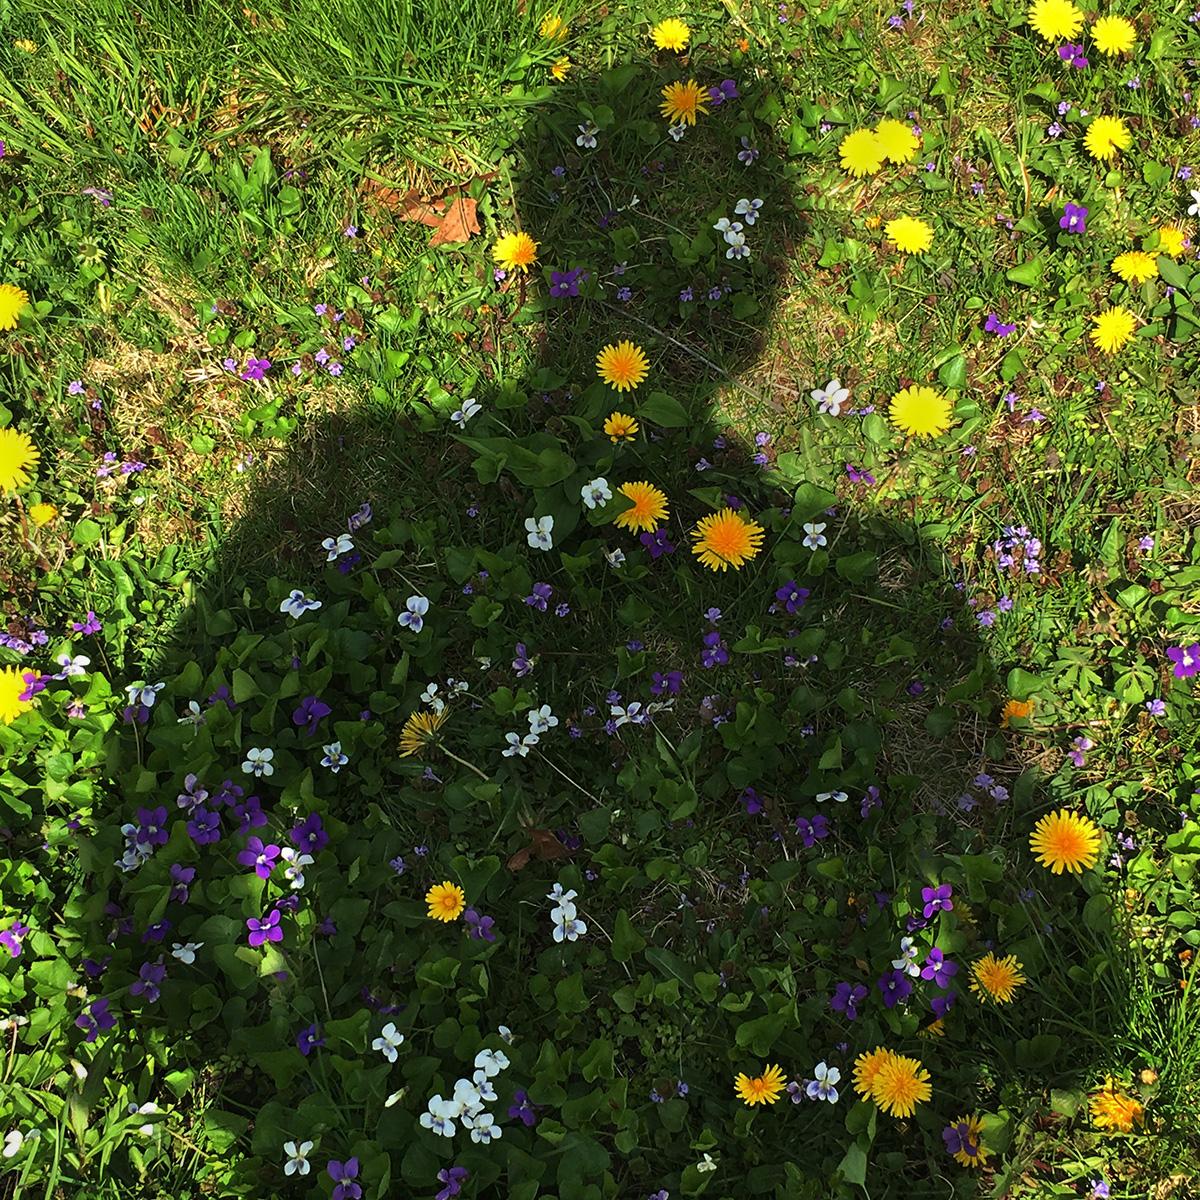 ShadowMen_16 copy.jpg